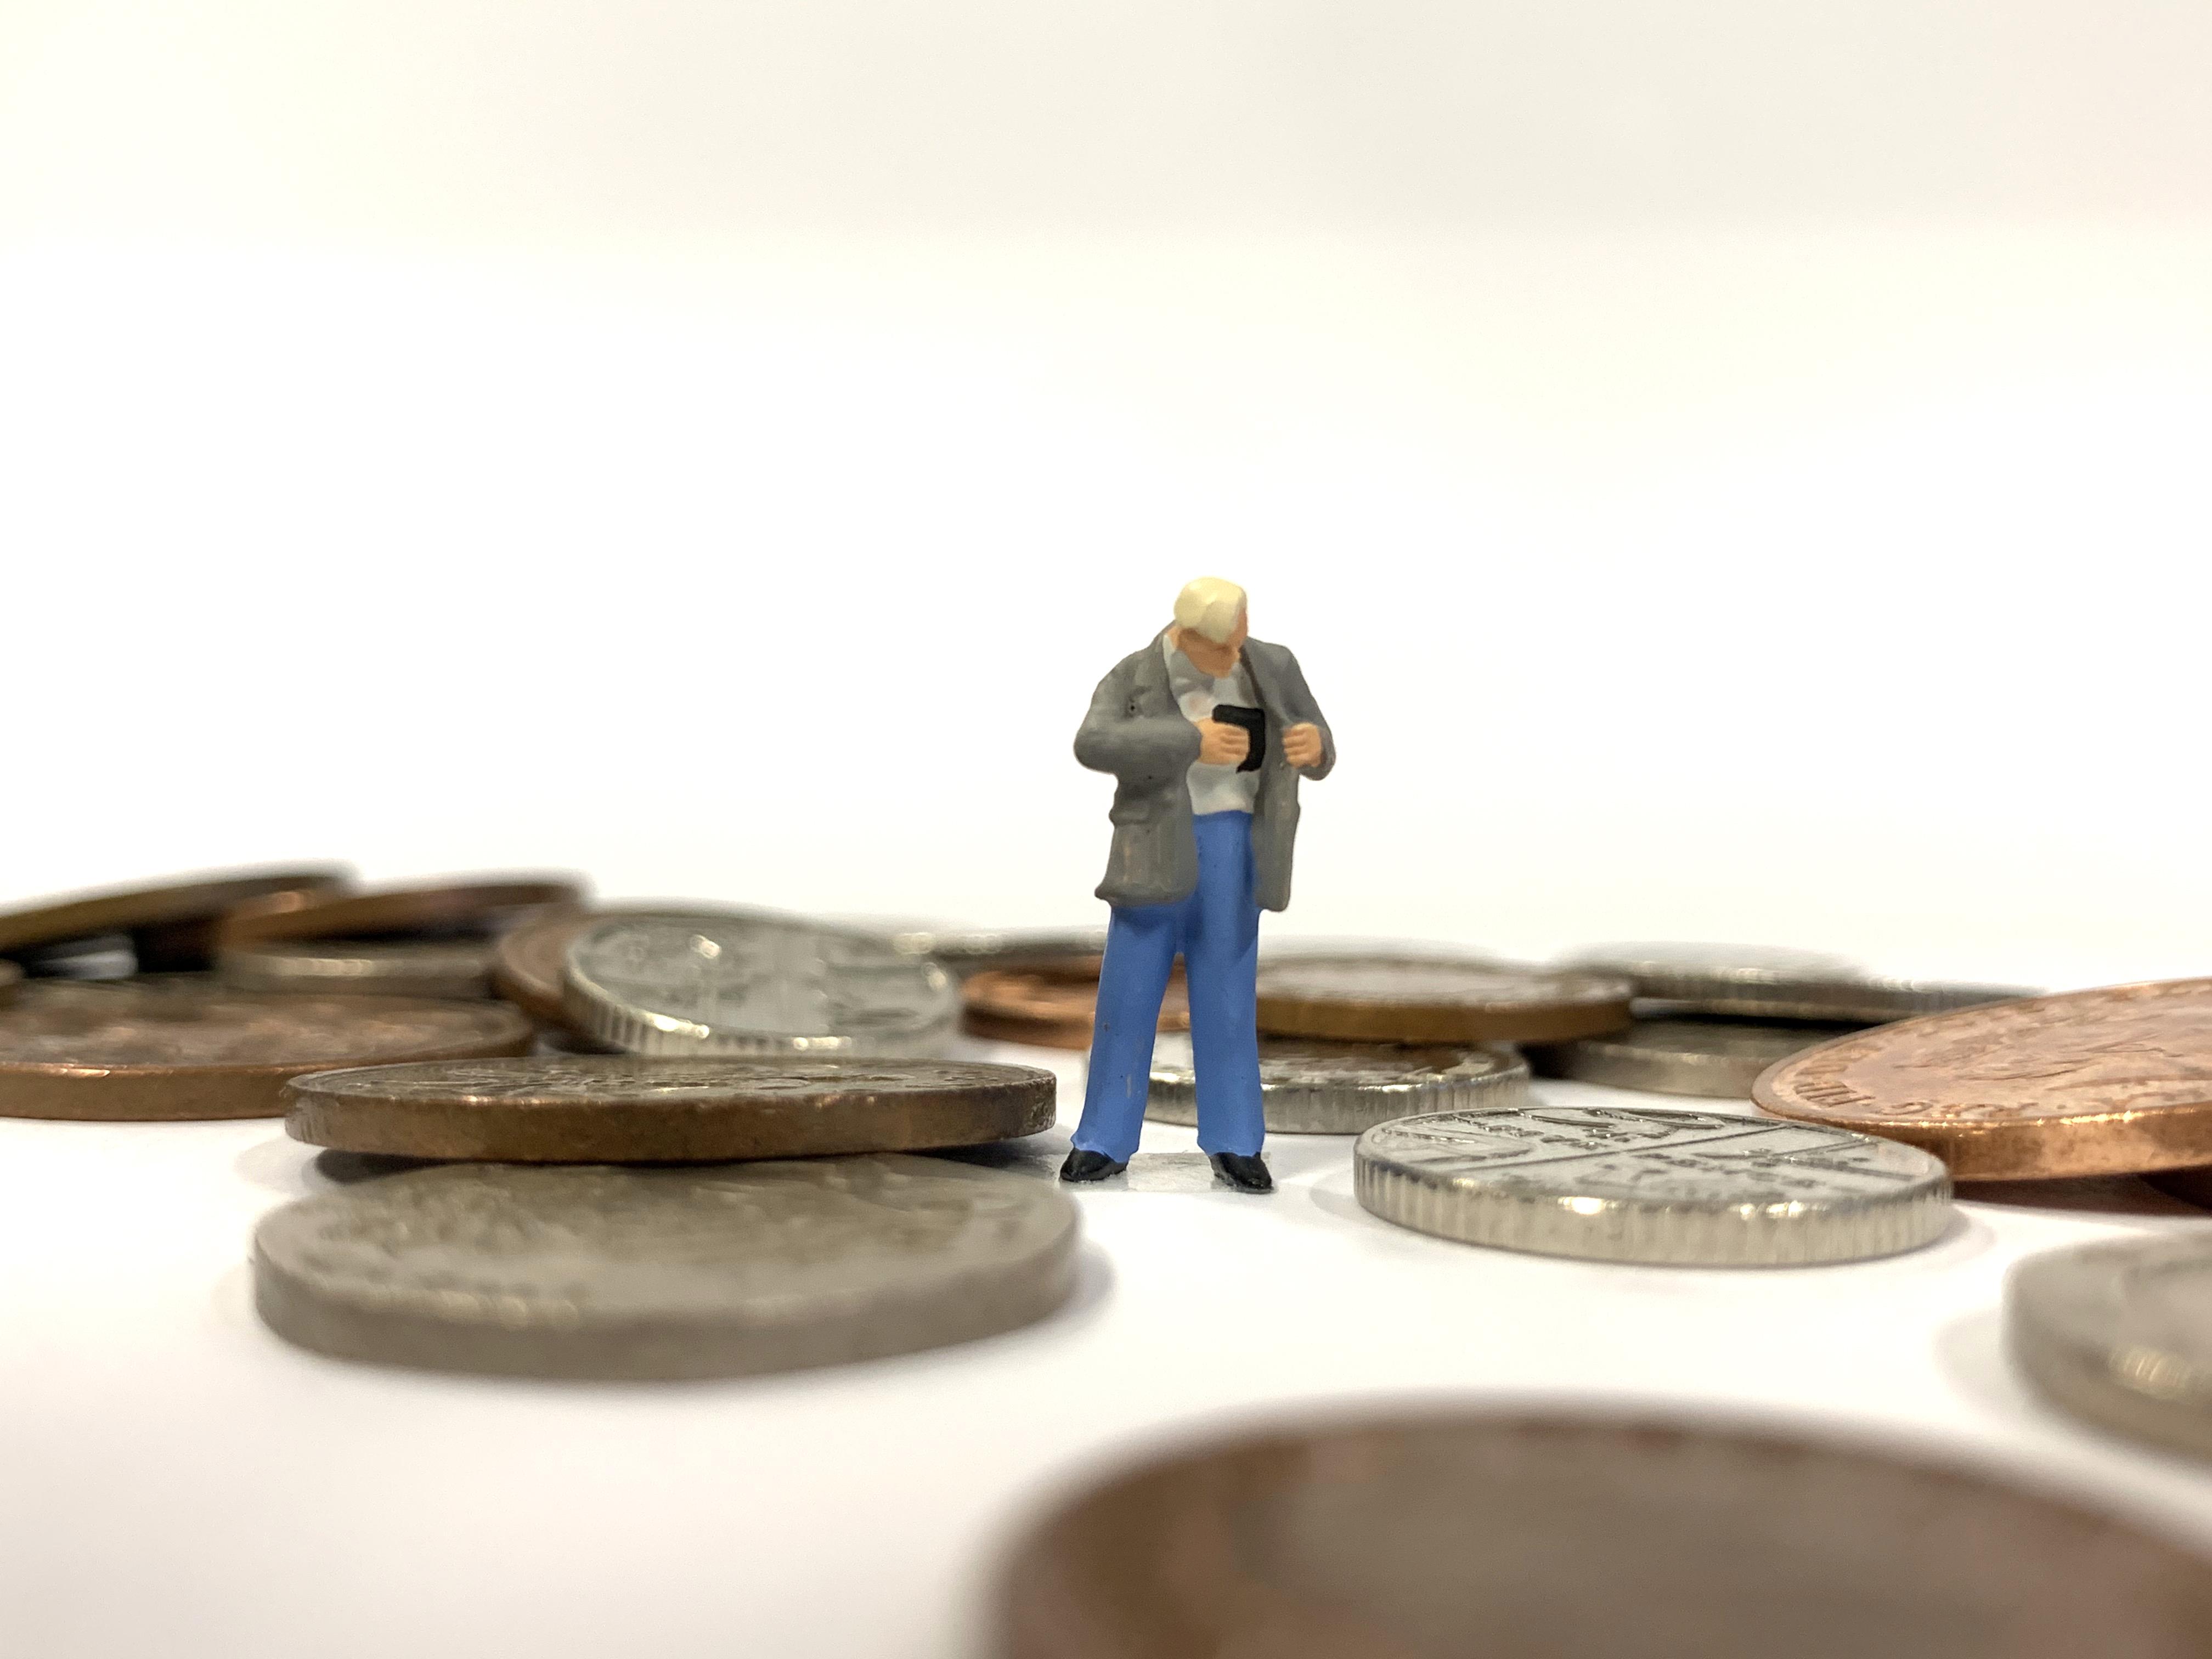 Small model figure looking in wallet